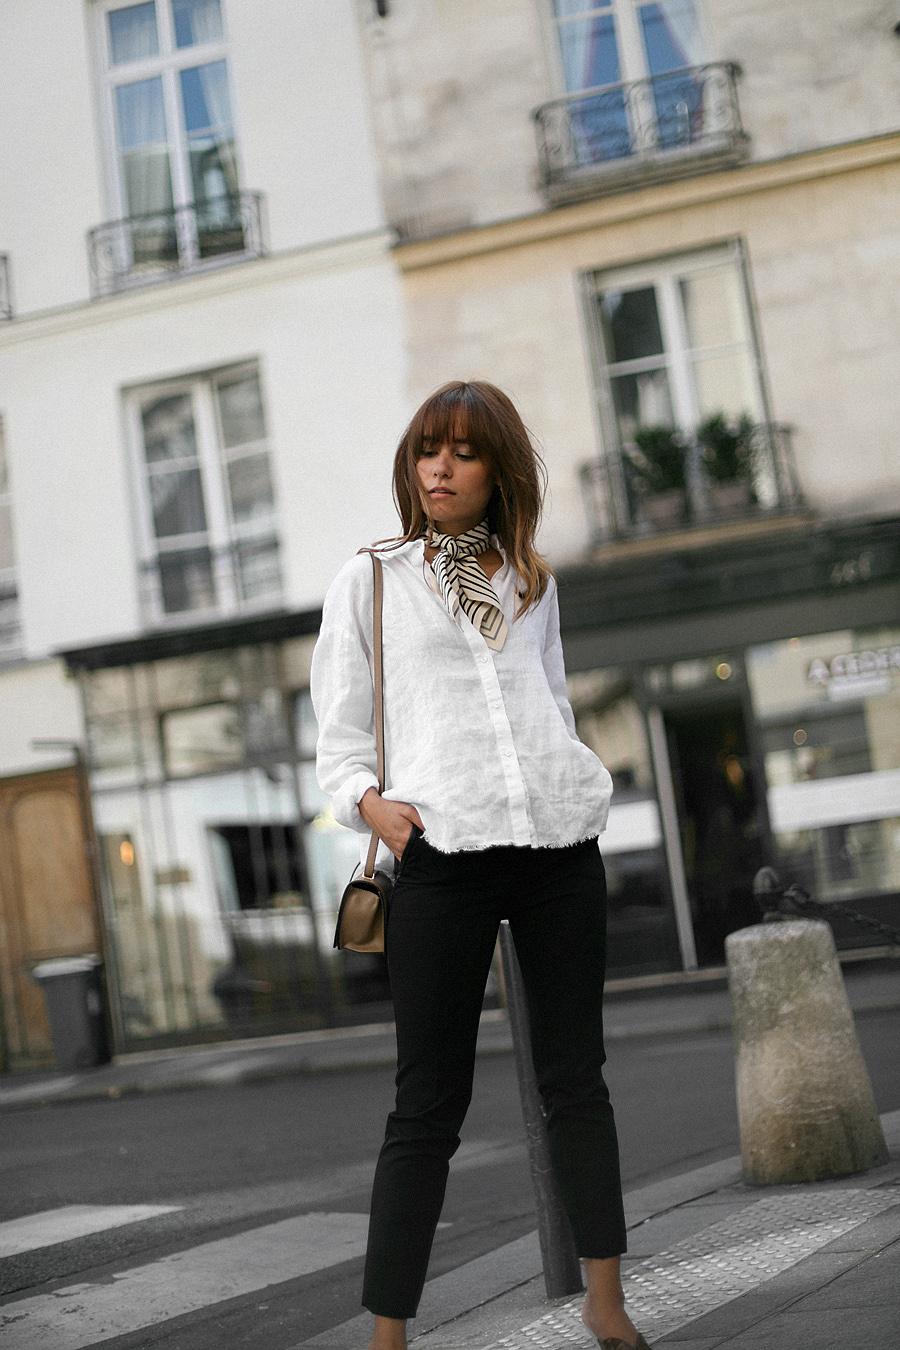 new concept 1d767 7618f Bonjour aus Paris! Wer mir auf Instagram folgt, wird mitbekommen haben,  dass ich die letzten Tage im wunderschönen und sonnigen Paris verbringen  konnte.